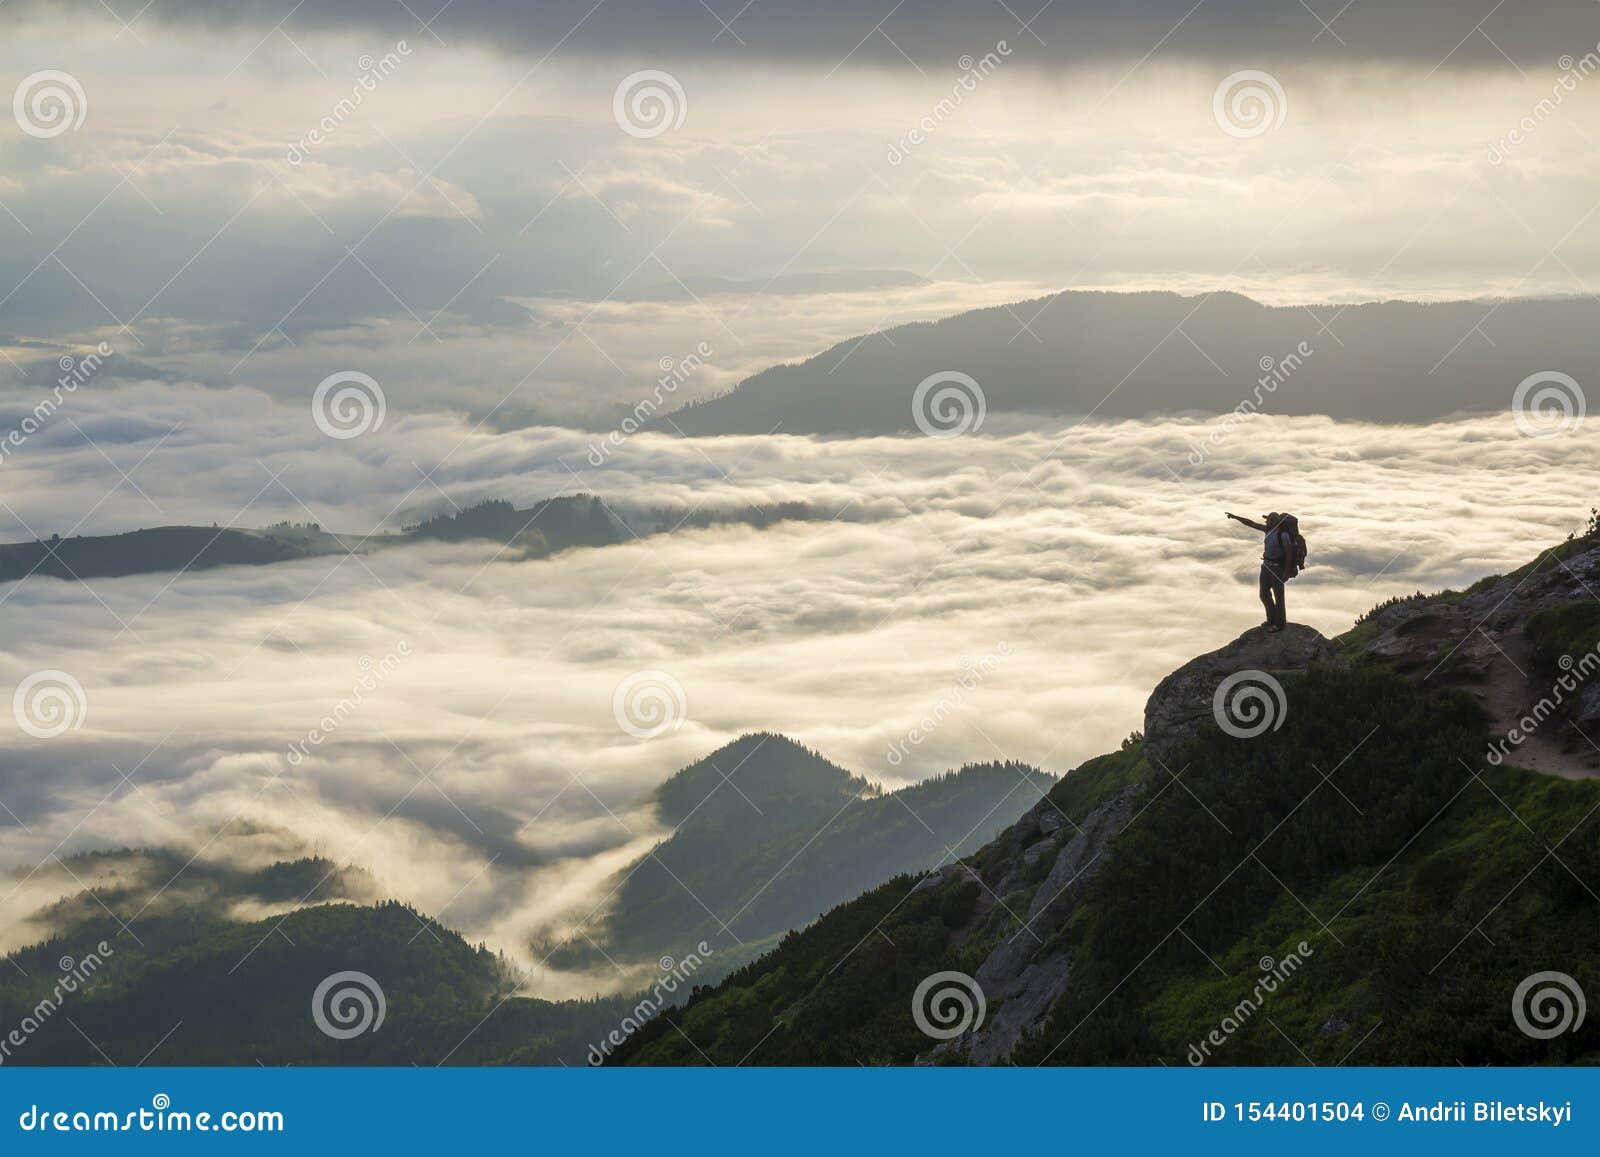 Breites Bergpanorama Kleines Schattenbild des Touristen mit Rucksack auf felsigem Berghang mit angehoben ?berreicht das bedeckte